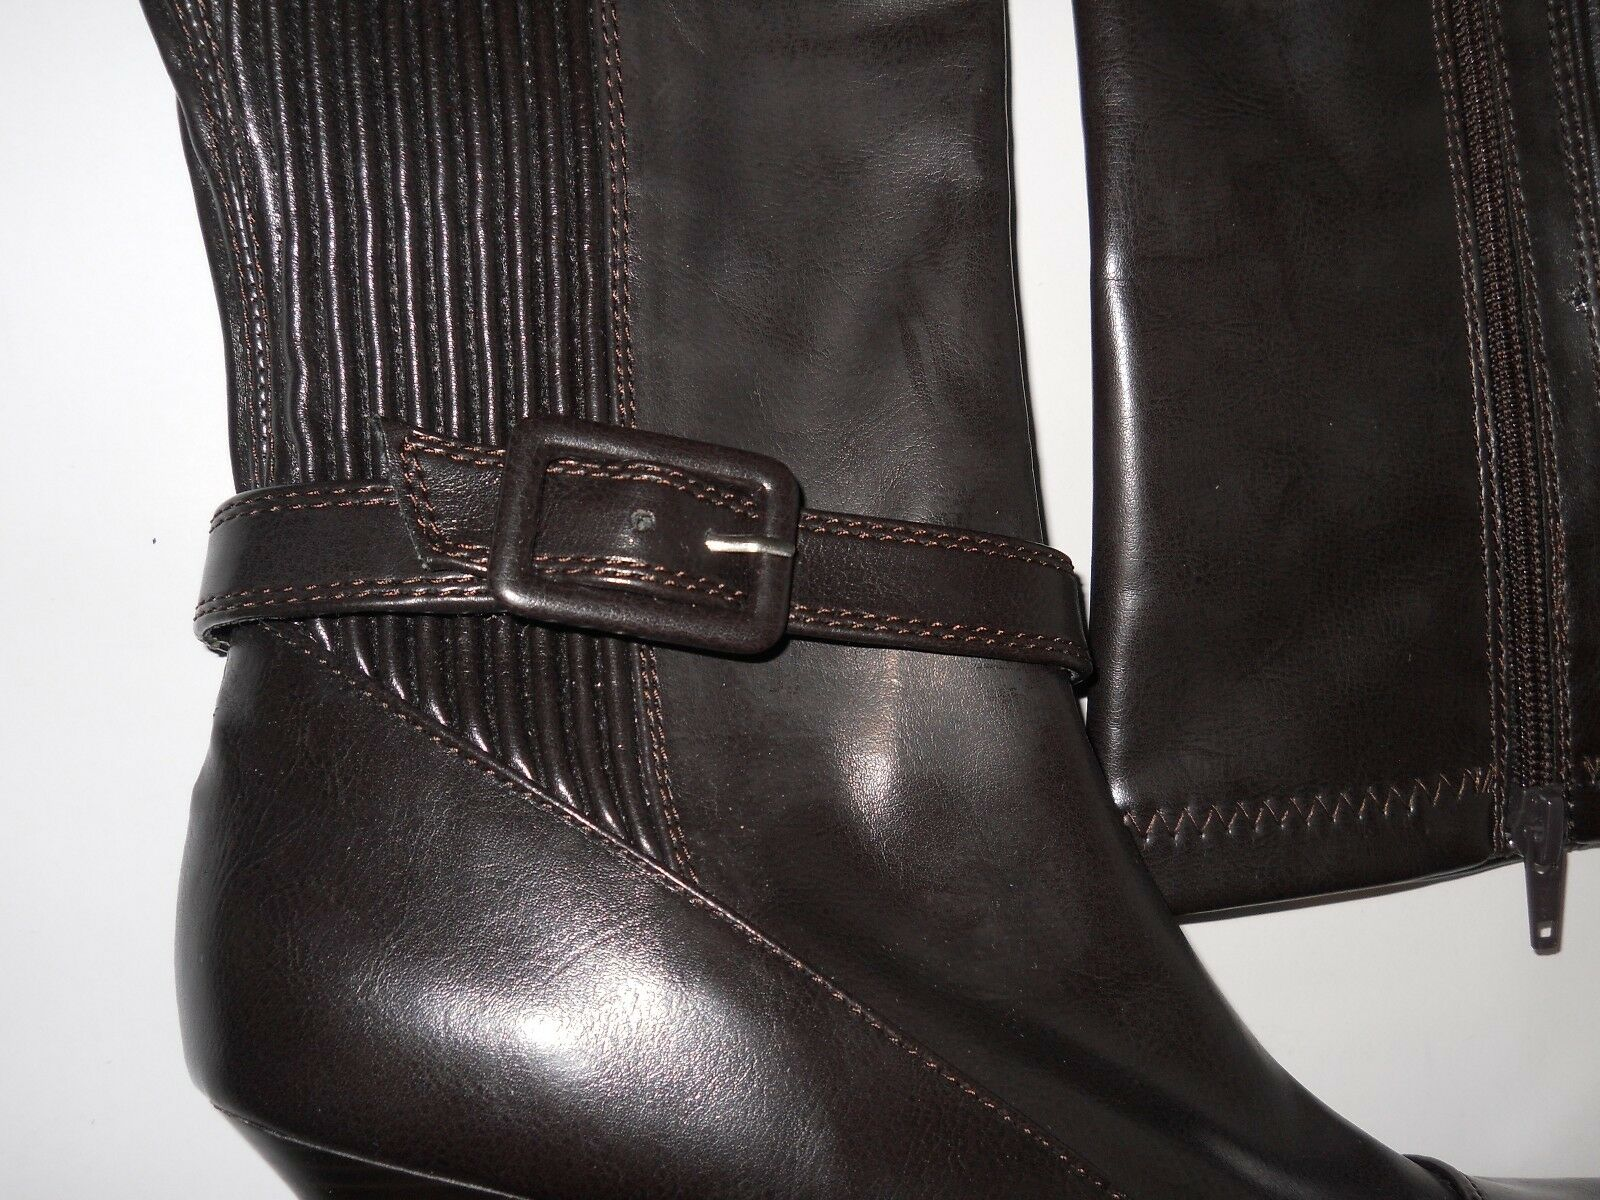 style & co - nouveau  s attachés attachés attachés nwob bottes 8,5 m chaussures marron foncé bbcb2c